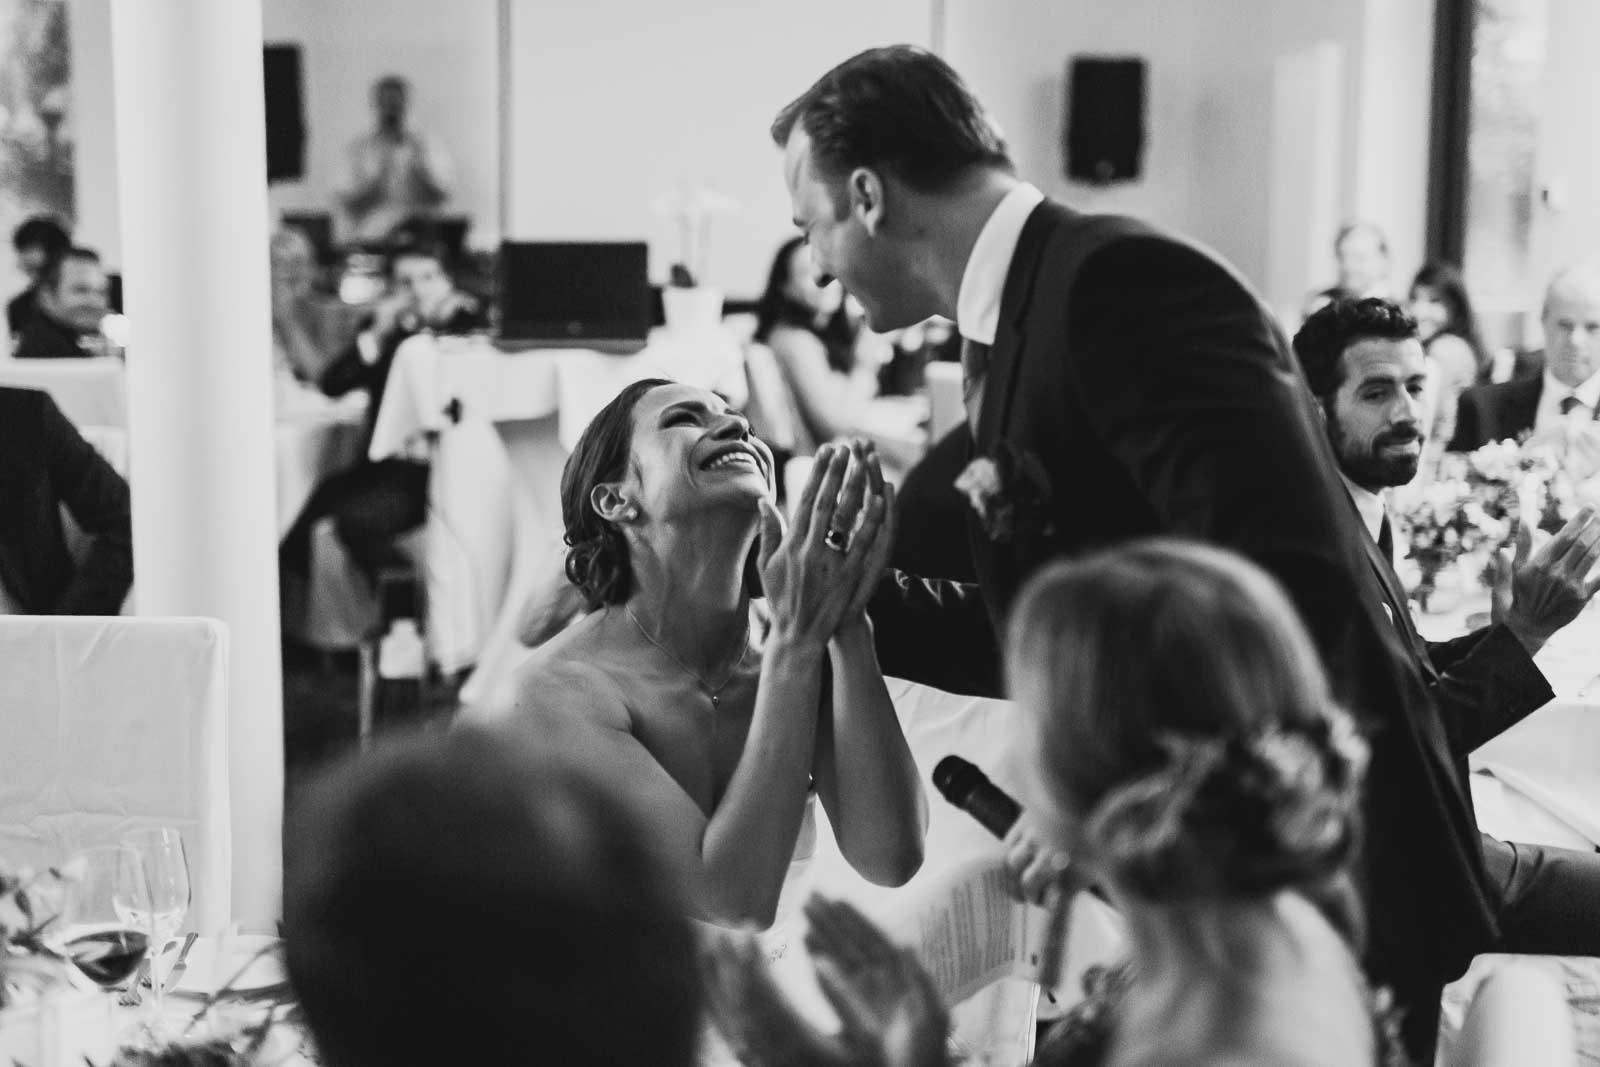 Hochzeitsfotograf Reutlingen Emotion pur Momente Hochzeitsfotografie